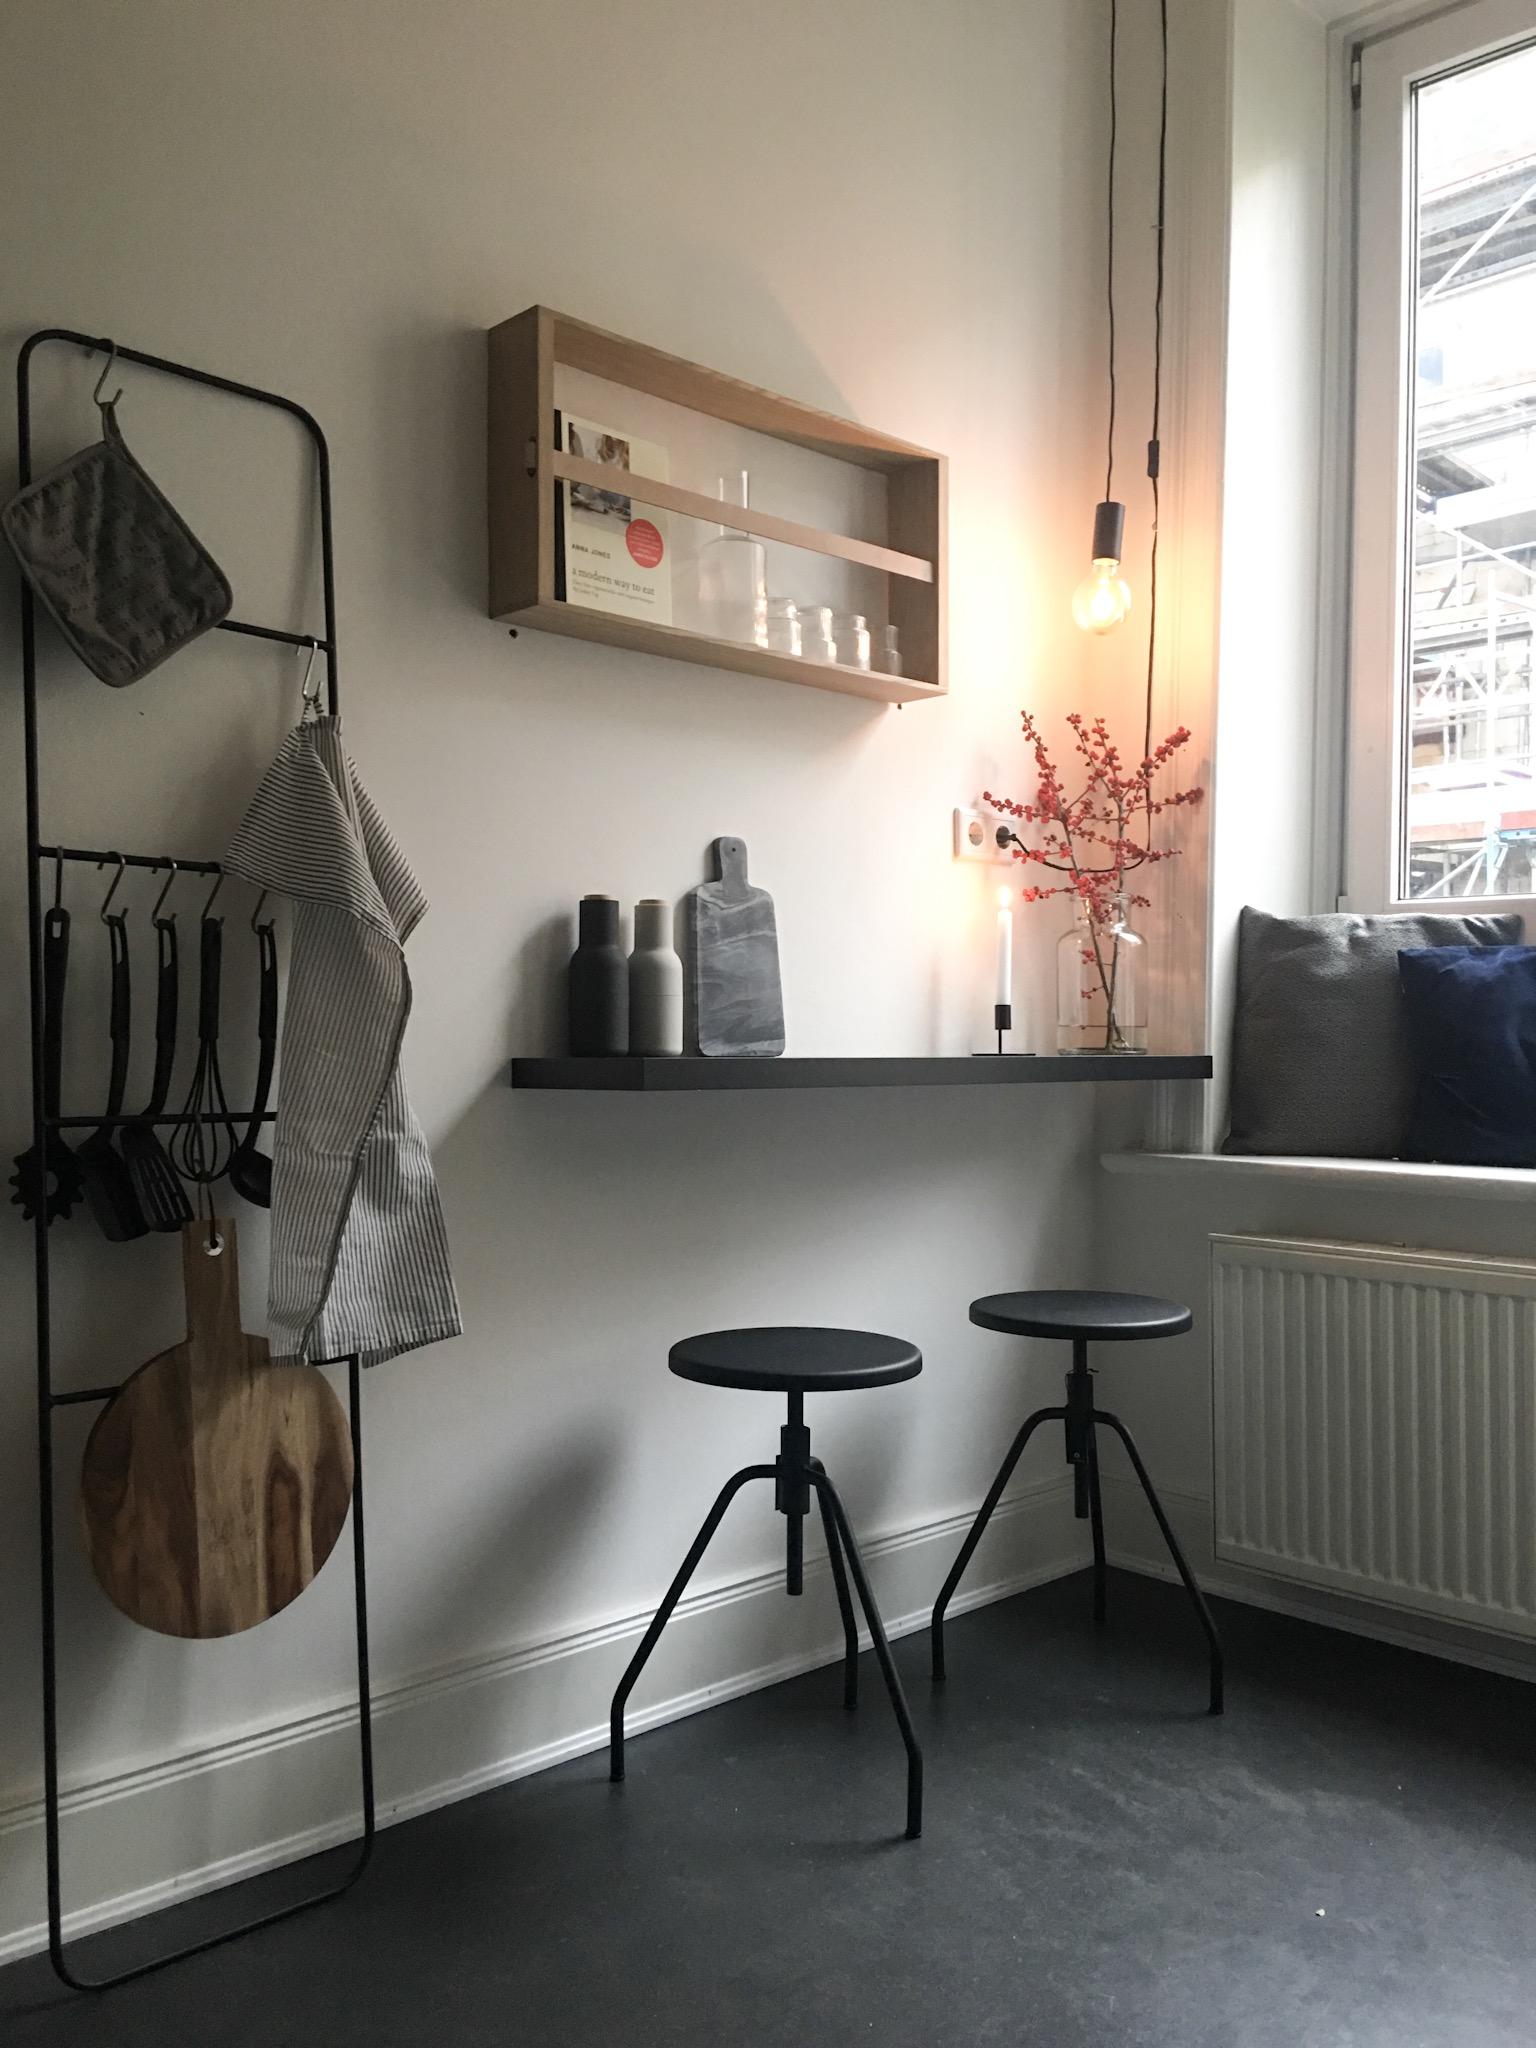 Wohnglück Interior Design Hamburg Küchenliebe